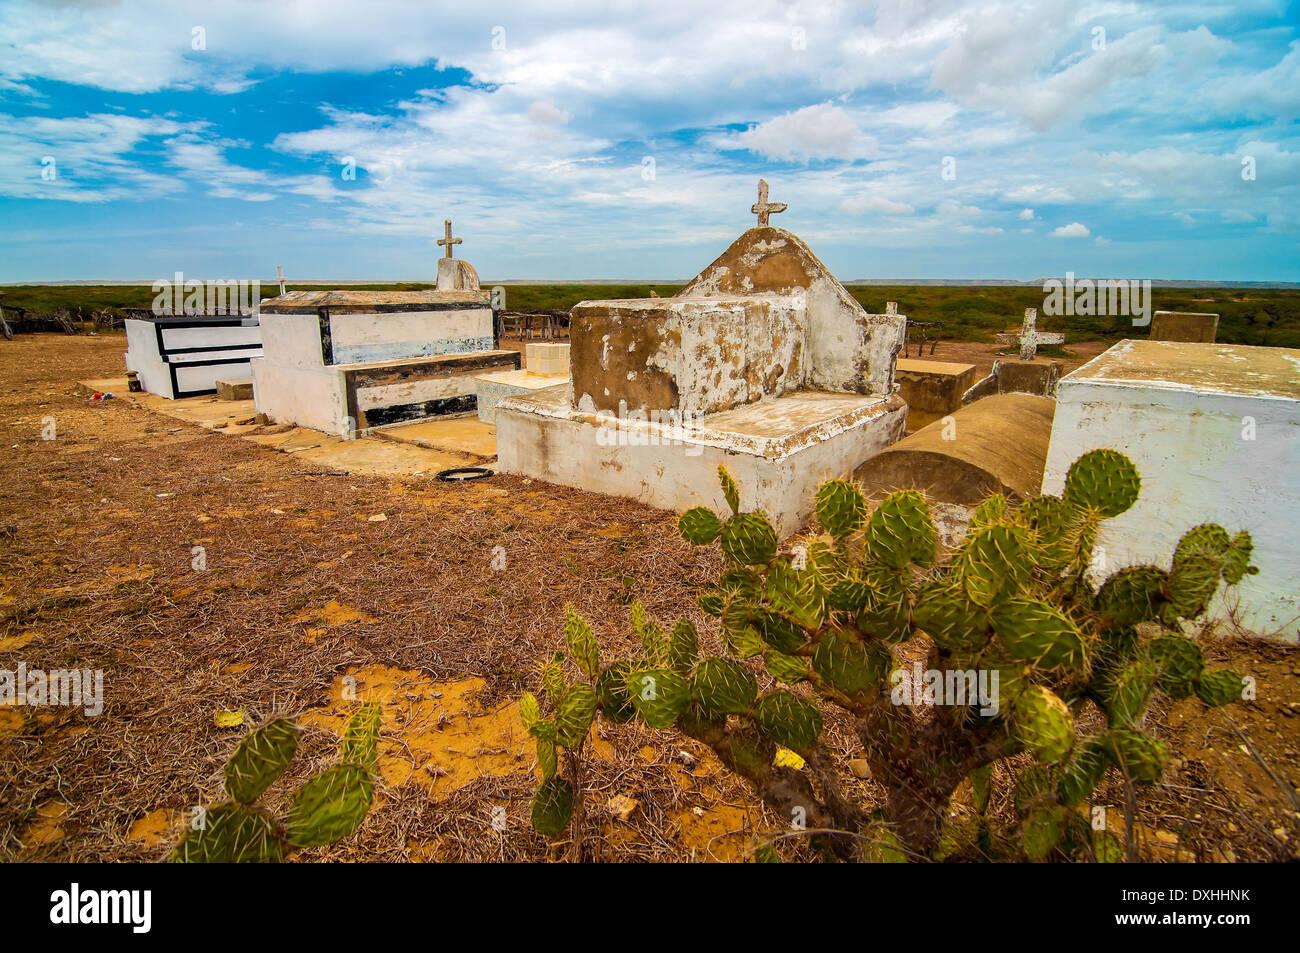 Un cementerio indígena aislado en el desierto. Imagen De Stock